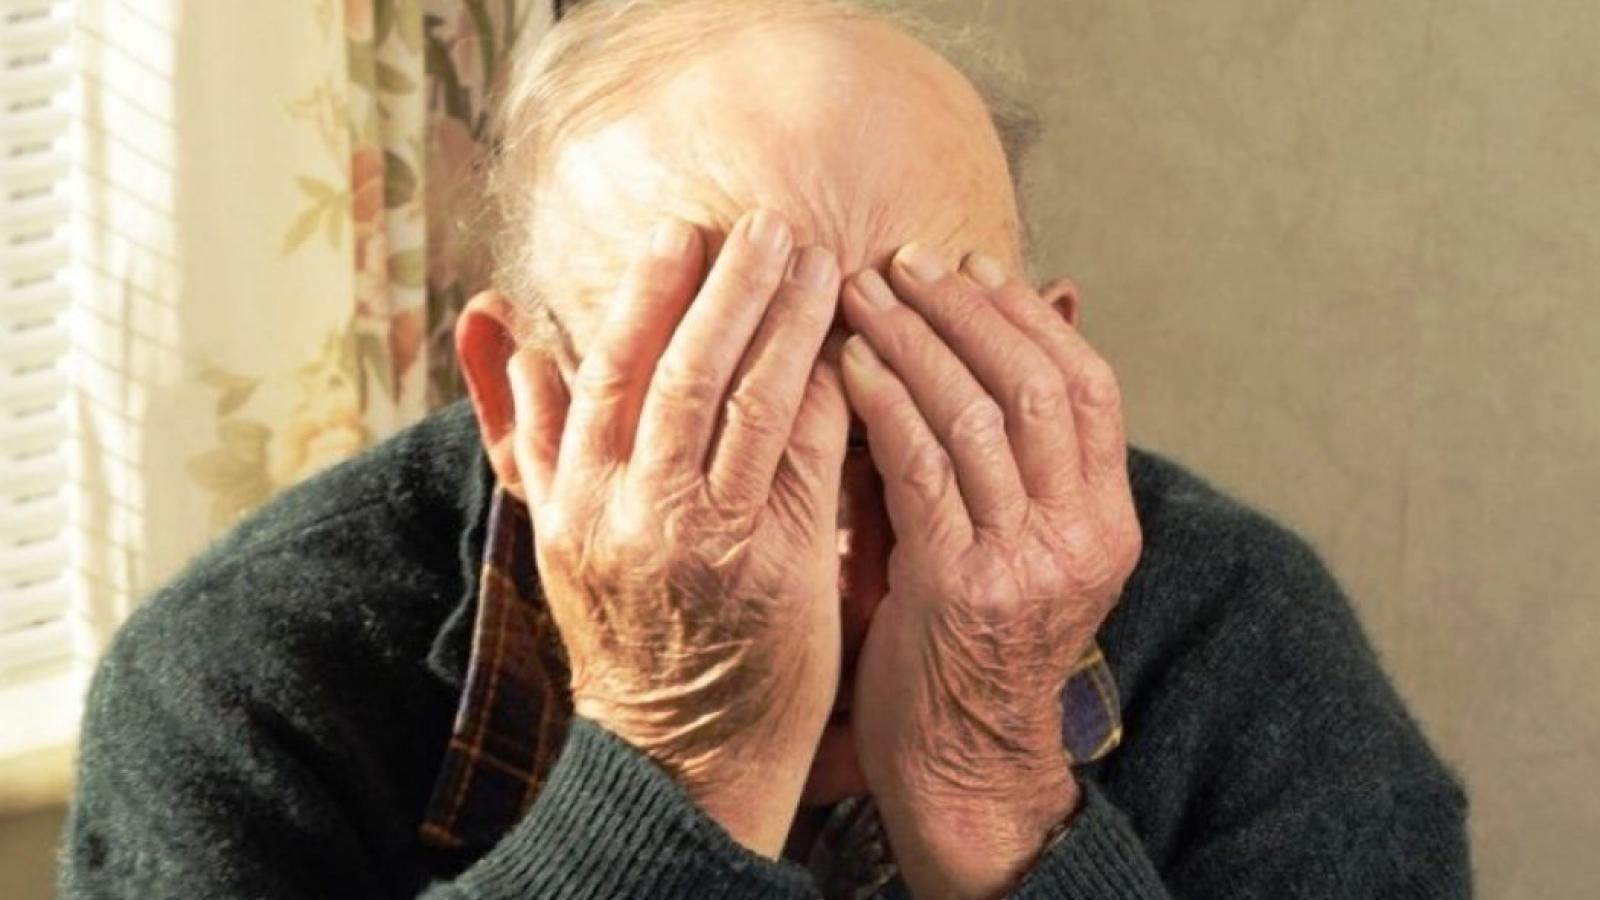 Тверские полицейские поймали мошенника, который обманывал пенсионера